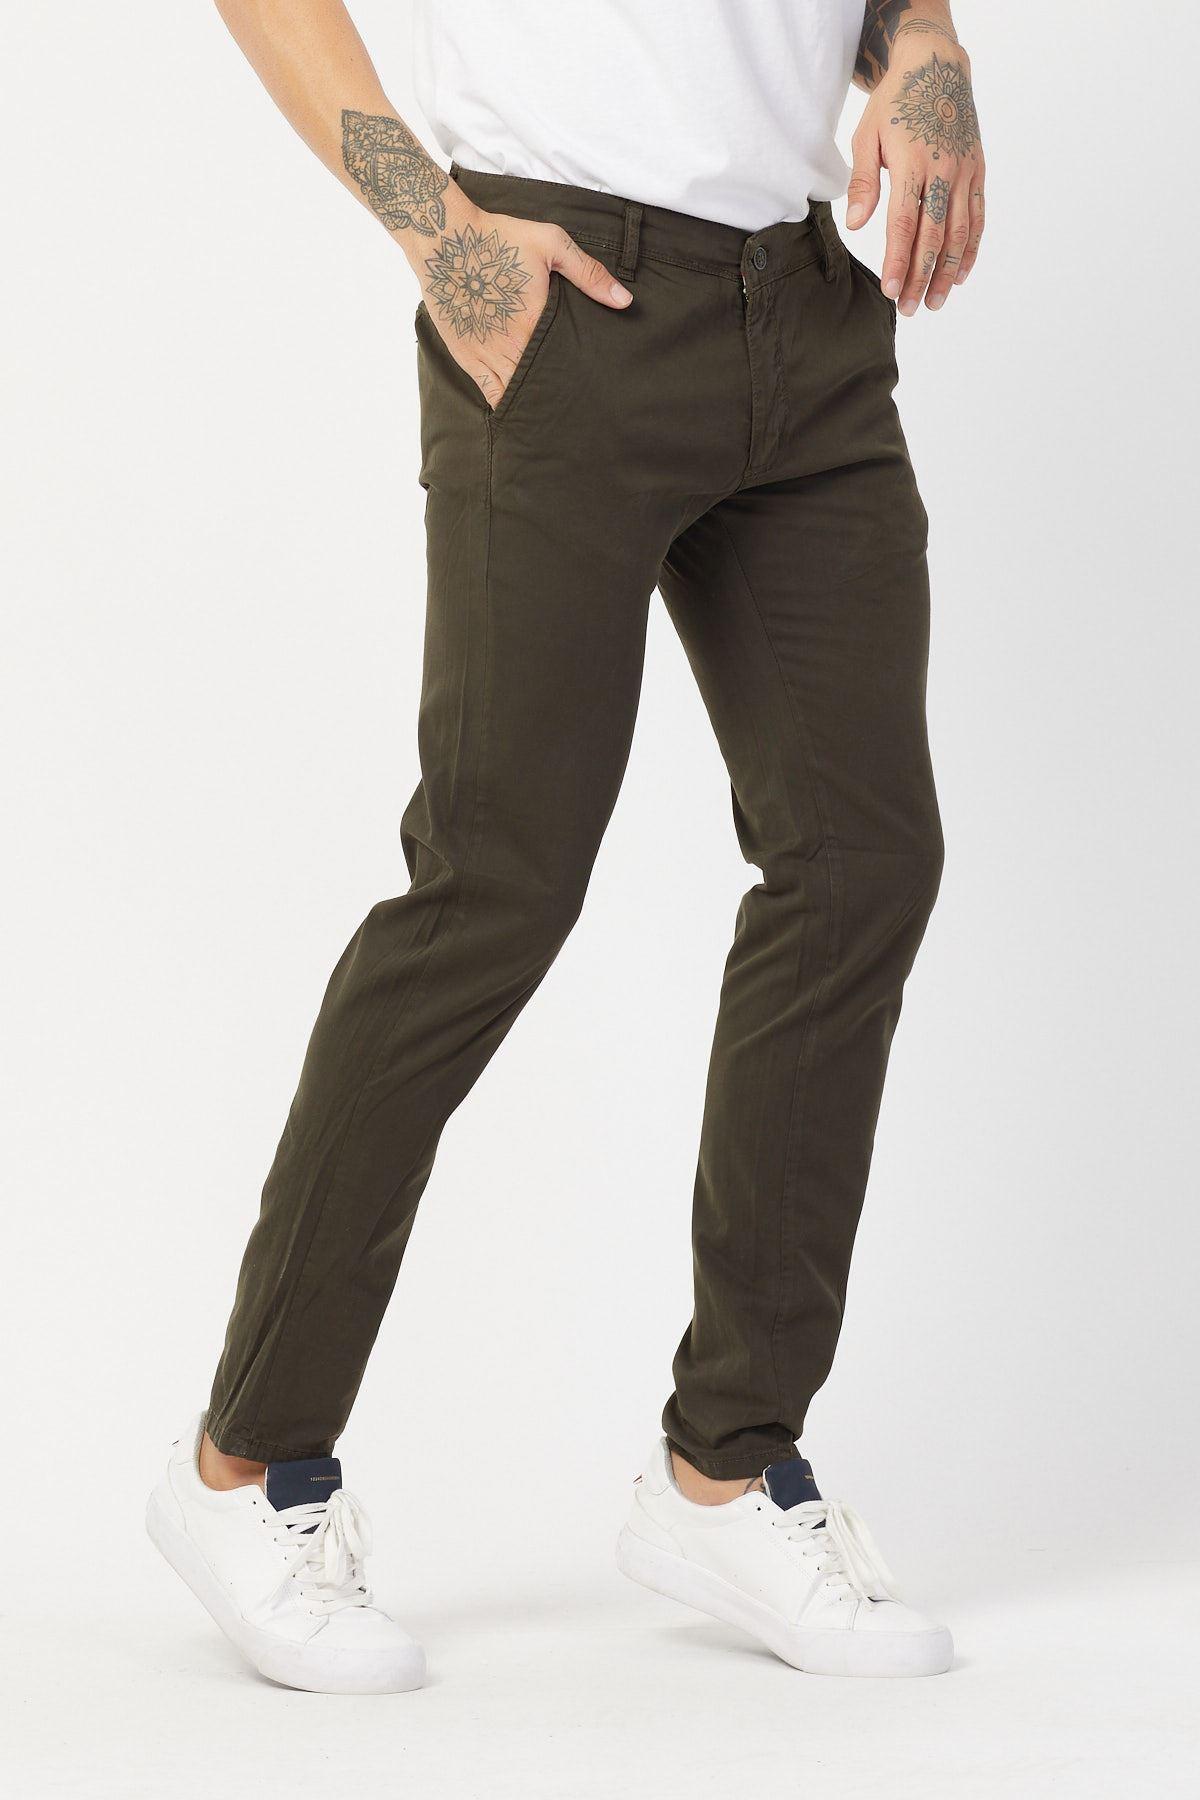 Yandan Cepli Haki Keten Pantolon